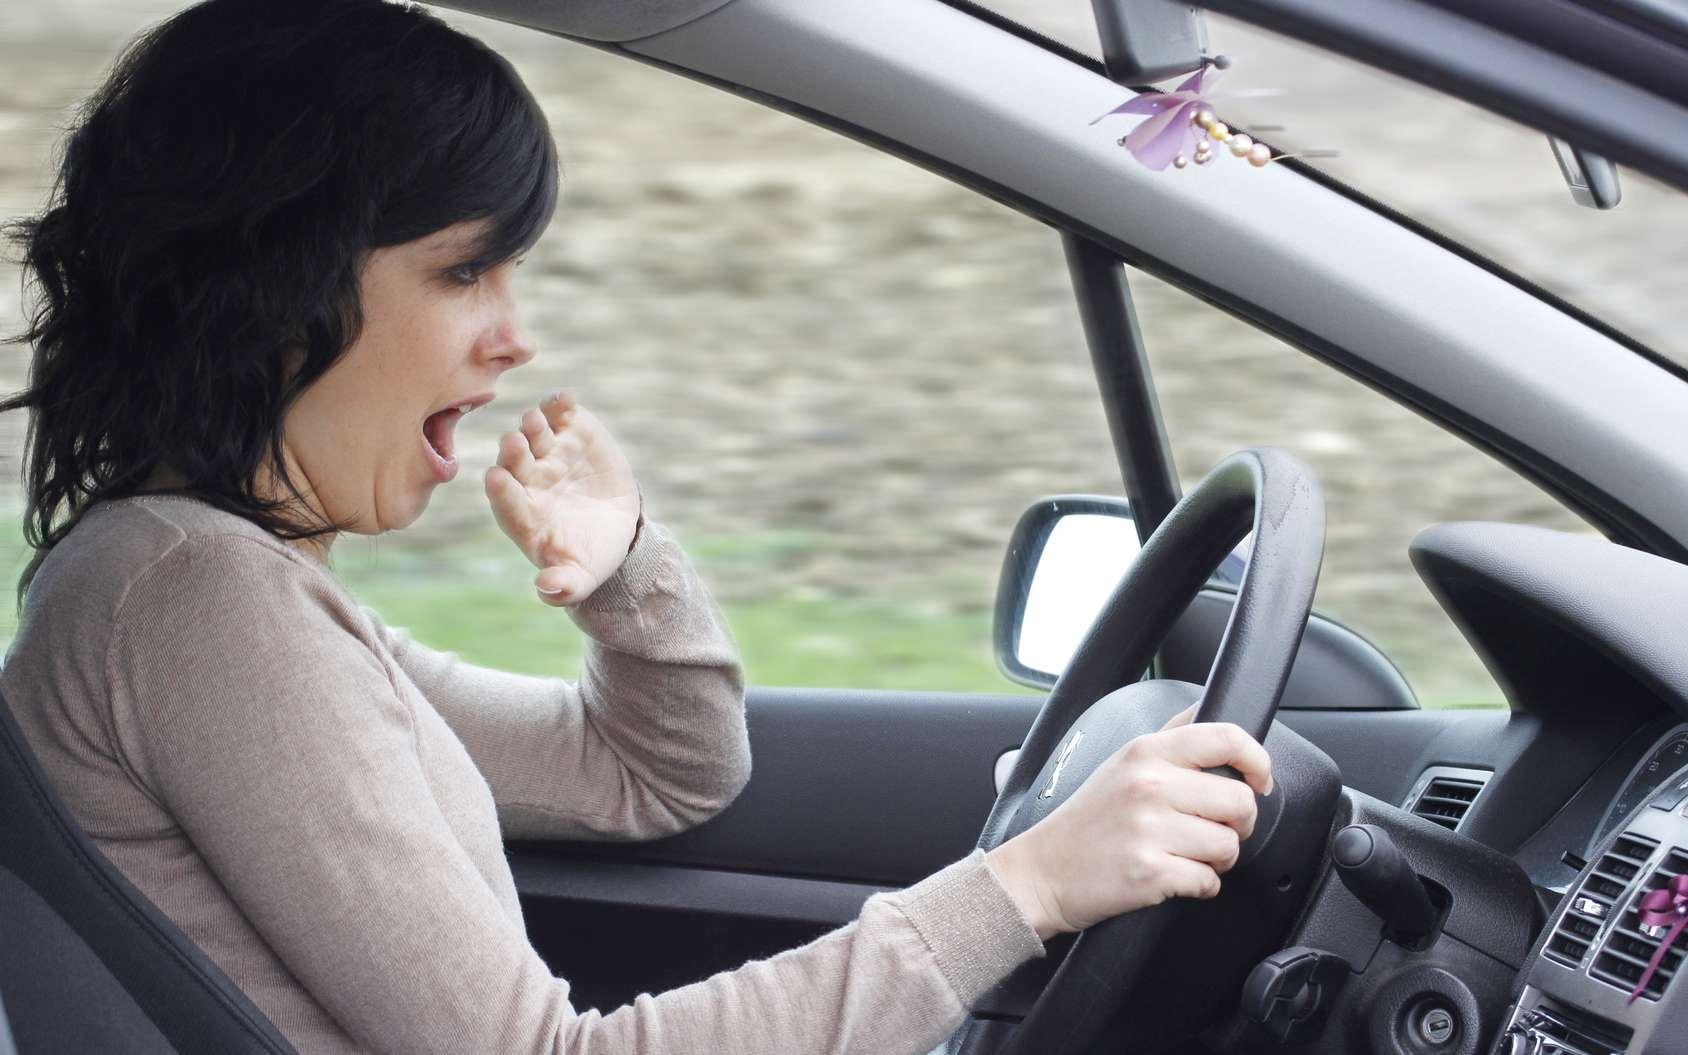 Alimentation, horaires de départ, signes à guetter, technologie : comment éviter la somnolence au volant. © alco81, Fotolia